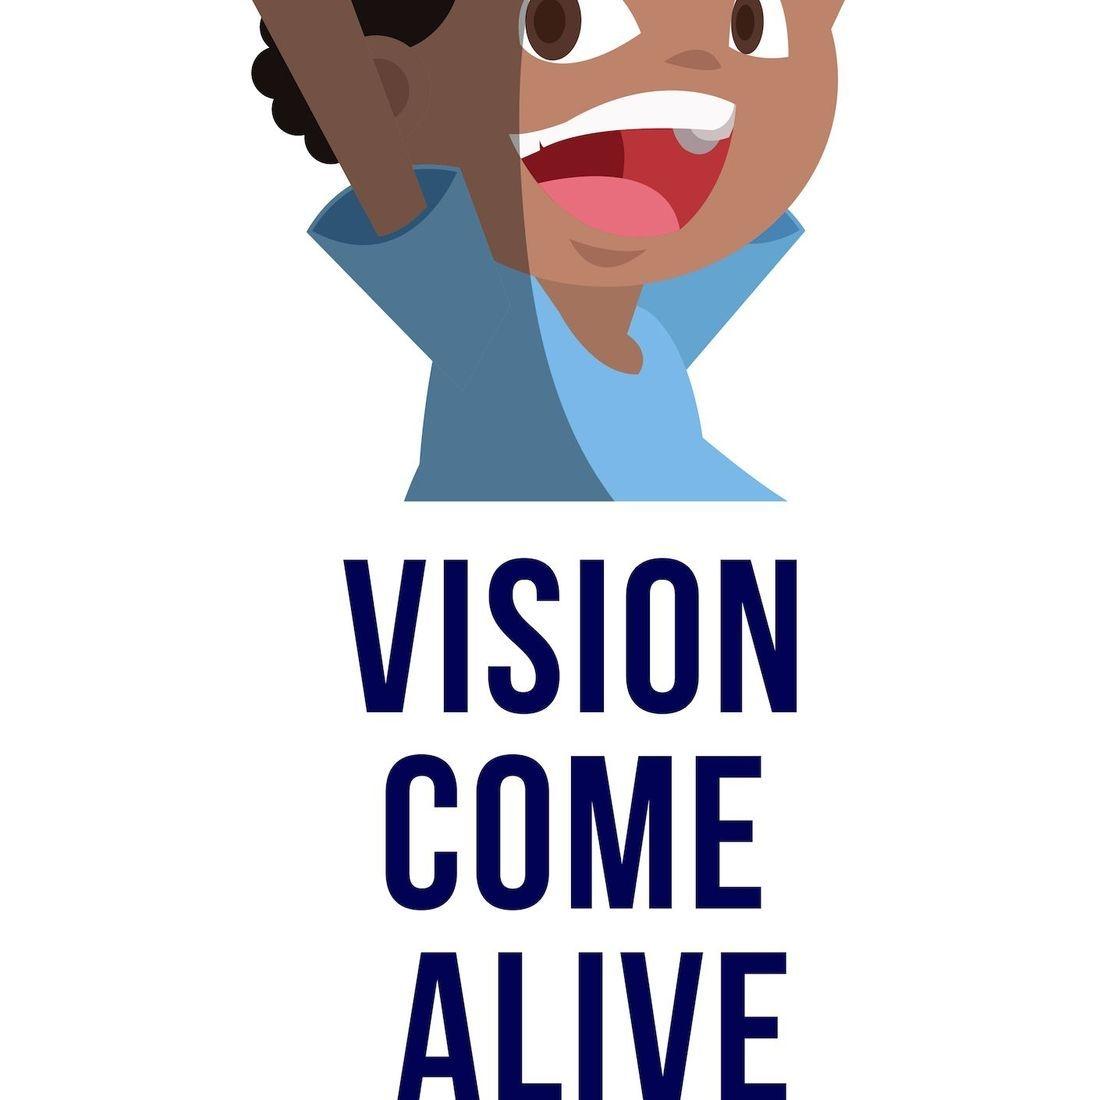 Vision Come Alive